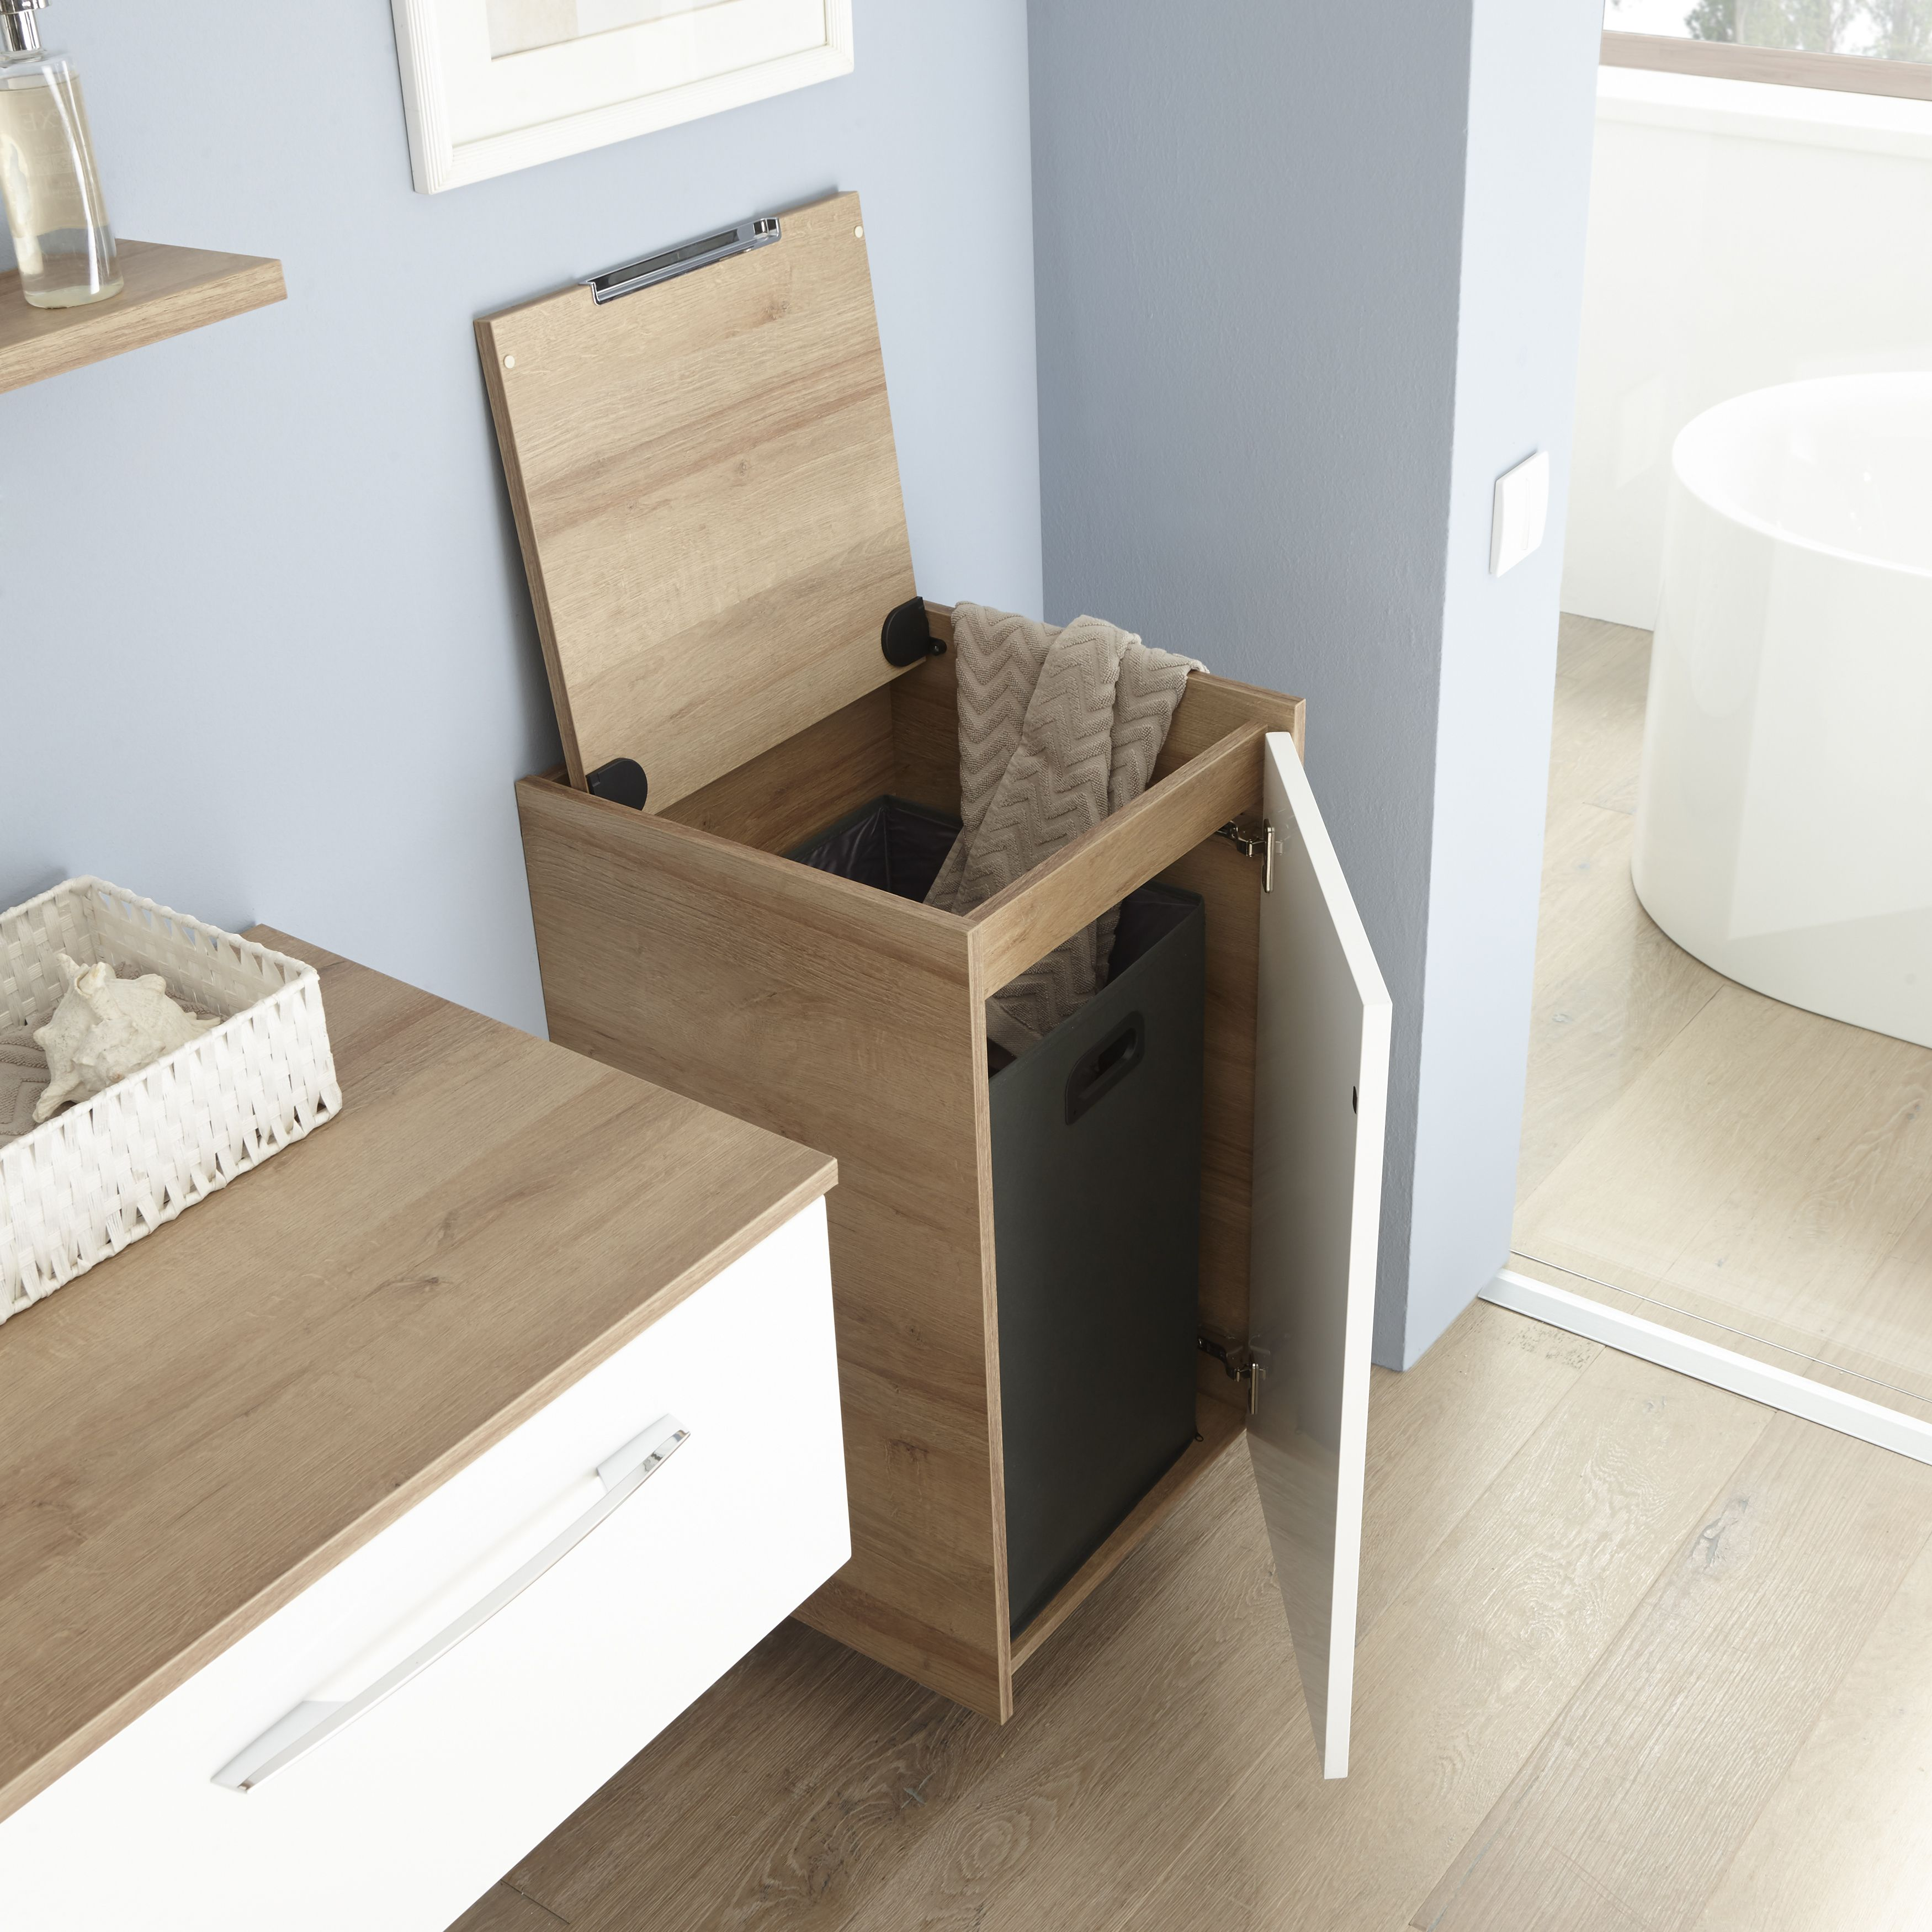 Durch Eine Genaue Ausrichtung Auf Deine Bedurfnisse Im Badezimmer Mit Besonders Ausgeklungelten Systeme Kleines Bad Renovierungen Waschkuchendesign Badezimmer